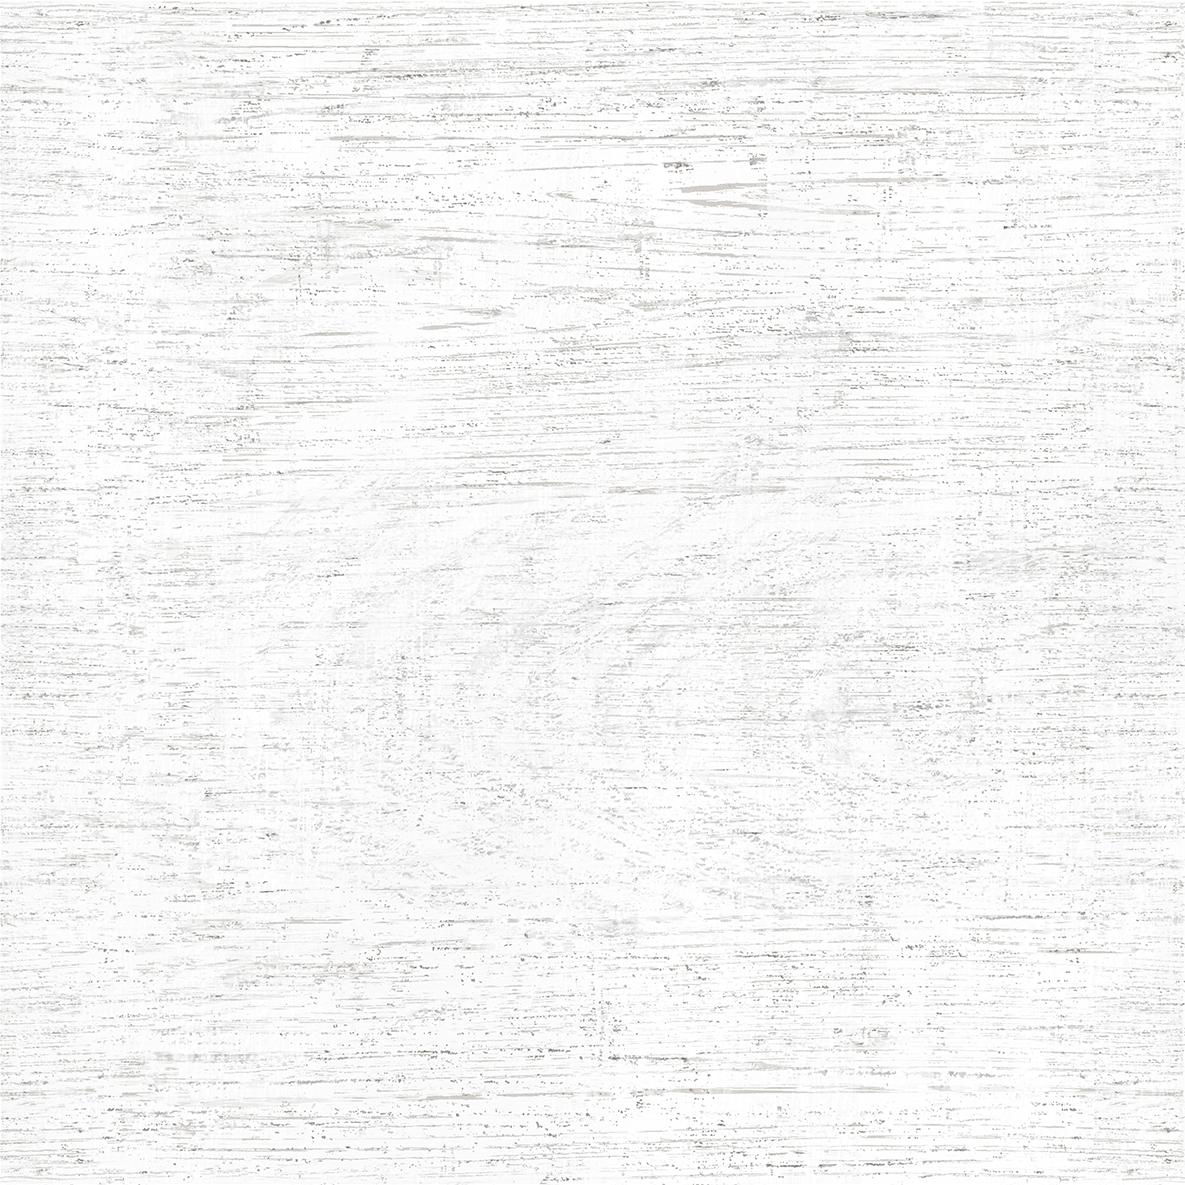 Wood White napol plitka 418x418_45a55daf3c1908865c79181a5b998d96